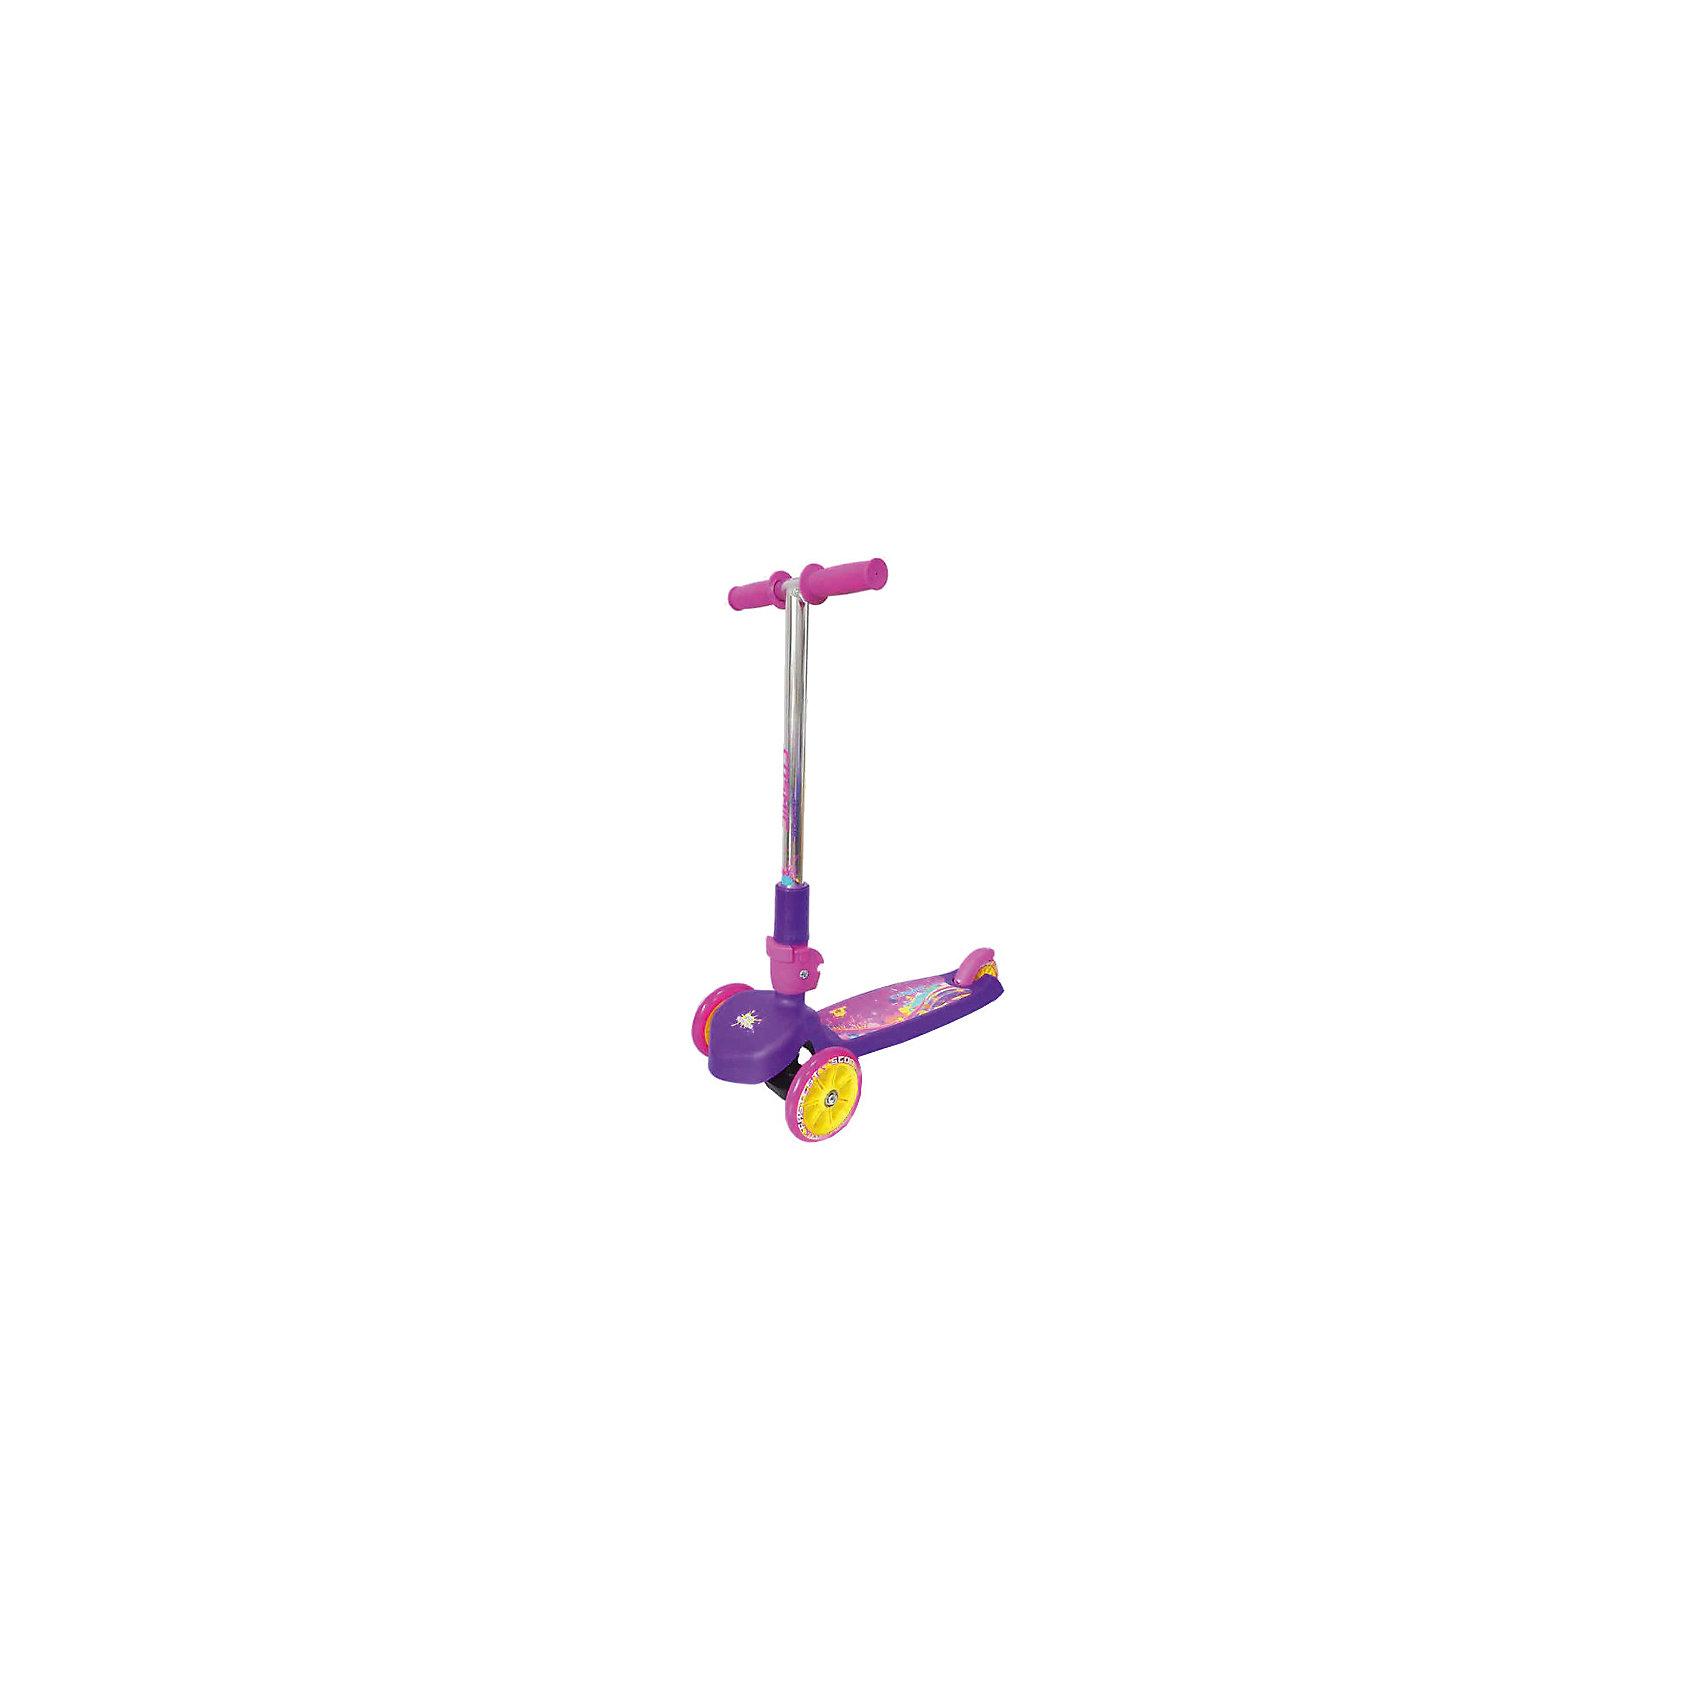 Самокат TT Cosmic pro, сиреневыйСамокат TT Cosmic pro 1/4 розовый от марки Tech Team<br><br>Яркий удобный самокат - мечта большинства детей на это лето. Он позволит не только отлично проводить время, но и поддерживать здоровую физическую форму. Эта модель выполнена в яркой расцветке: розовый и сиреневый тона. <br>Тщательно проработанный выдвижной механизм руля позволяет за секунды подстроить его под ребенка. Нога располагается на удобной поверхности, что обеспечивает безопасность езды на самокате. Не забудьте обеспечить ребенка налокотниками и наколенниками. Выполненные в стильном дизайне, они станут отличным элементом модного образа ребенка.<br><br>Отличительные особенности модели:<br><br>складной механизм руля;<br>материал: ударостойкий пластик;<br>цвет: розовый, сиреневый;<br>размер платформы: 29,5 x 11 см;<br>материал ручки: алюминий;<br>размер передних колес: 120 х 24 мм;<br>размер заднего колеса: 100 х 24 мм;<br>подшипники: AВЕС 5 carbon.<br><br>Самокат TT Cosmic pro 1/4 розовый от марки Tech Team можно купить в нашем магазине.<br><br>Ширина мм: 590<br>Глубина мм: 290<br>Высота мм: 280<br>Вес г: 2500<br>Возраст от месяцев: 24<br>Возраст до месяцев: 48<br>Пол: Женский<br>Возраст: Детский<br>SKU: 4657067